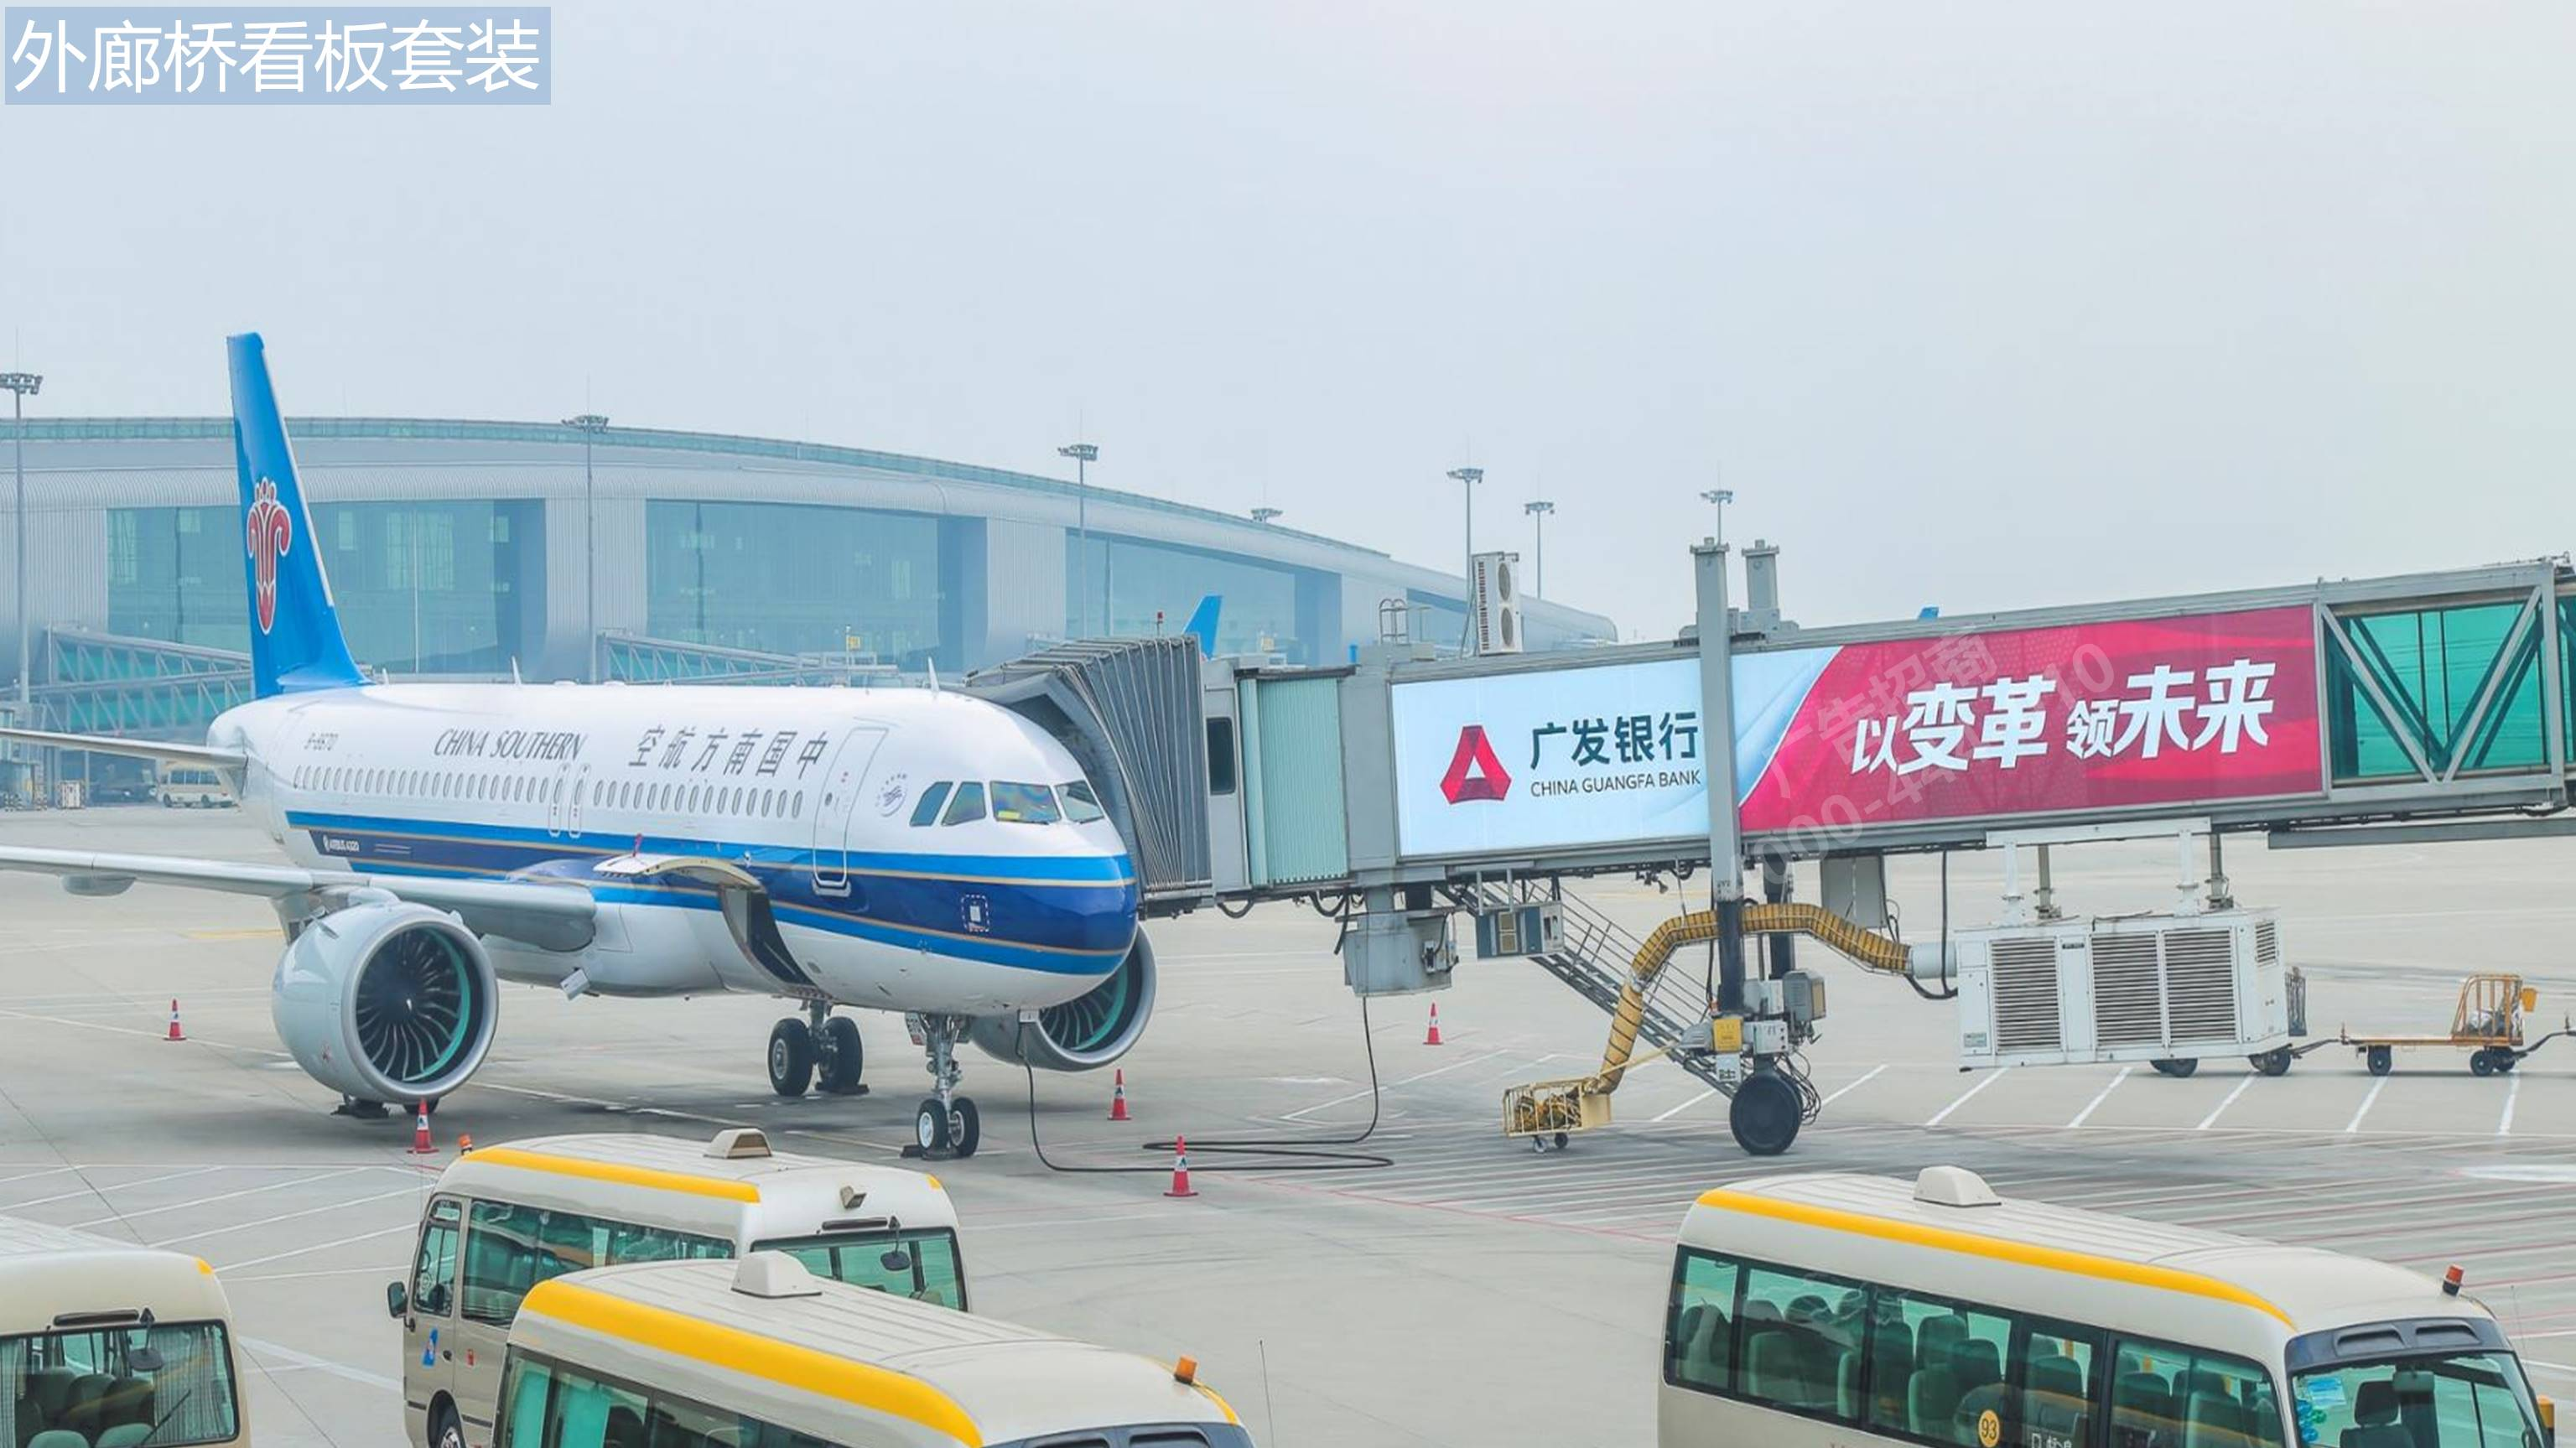 广州机场广告外廊桥看板